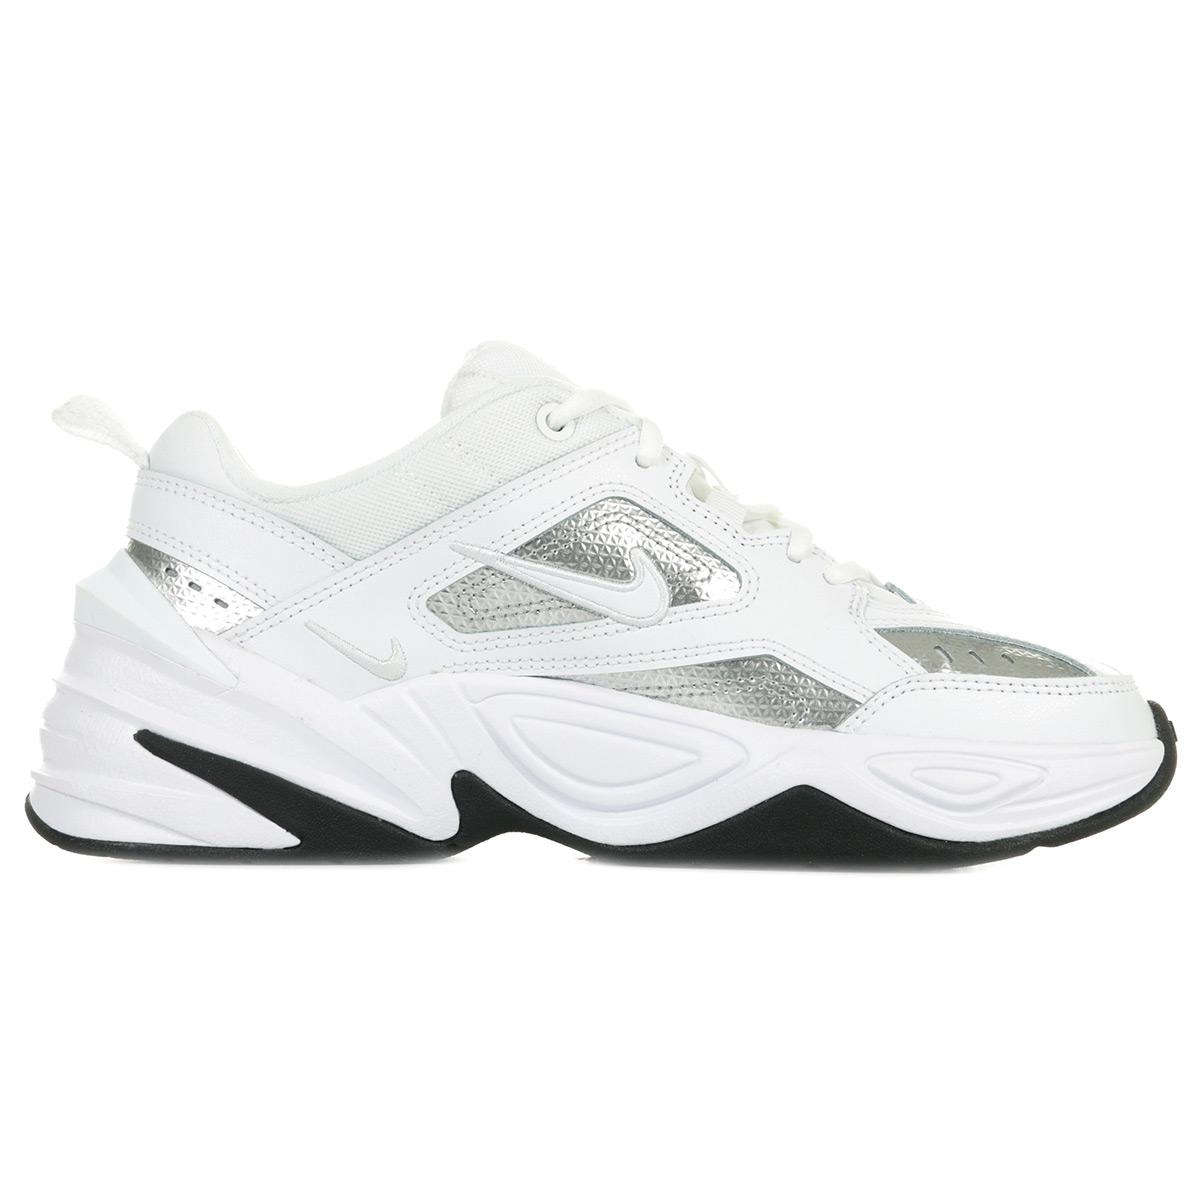 Détails sur Chaussures Baskets Nike femme M2K Tekno Essential taille Blanc Blanche Cuir